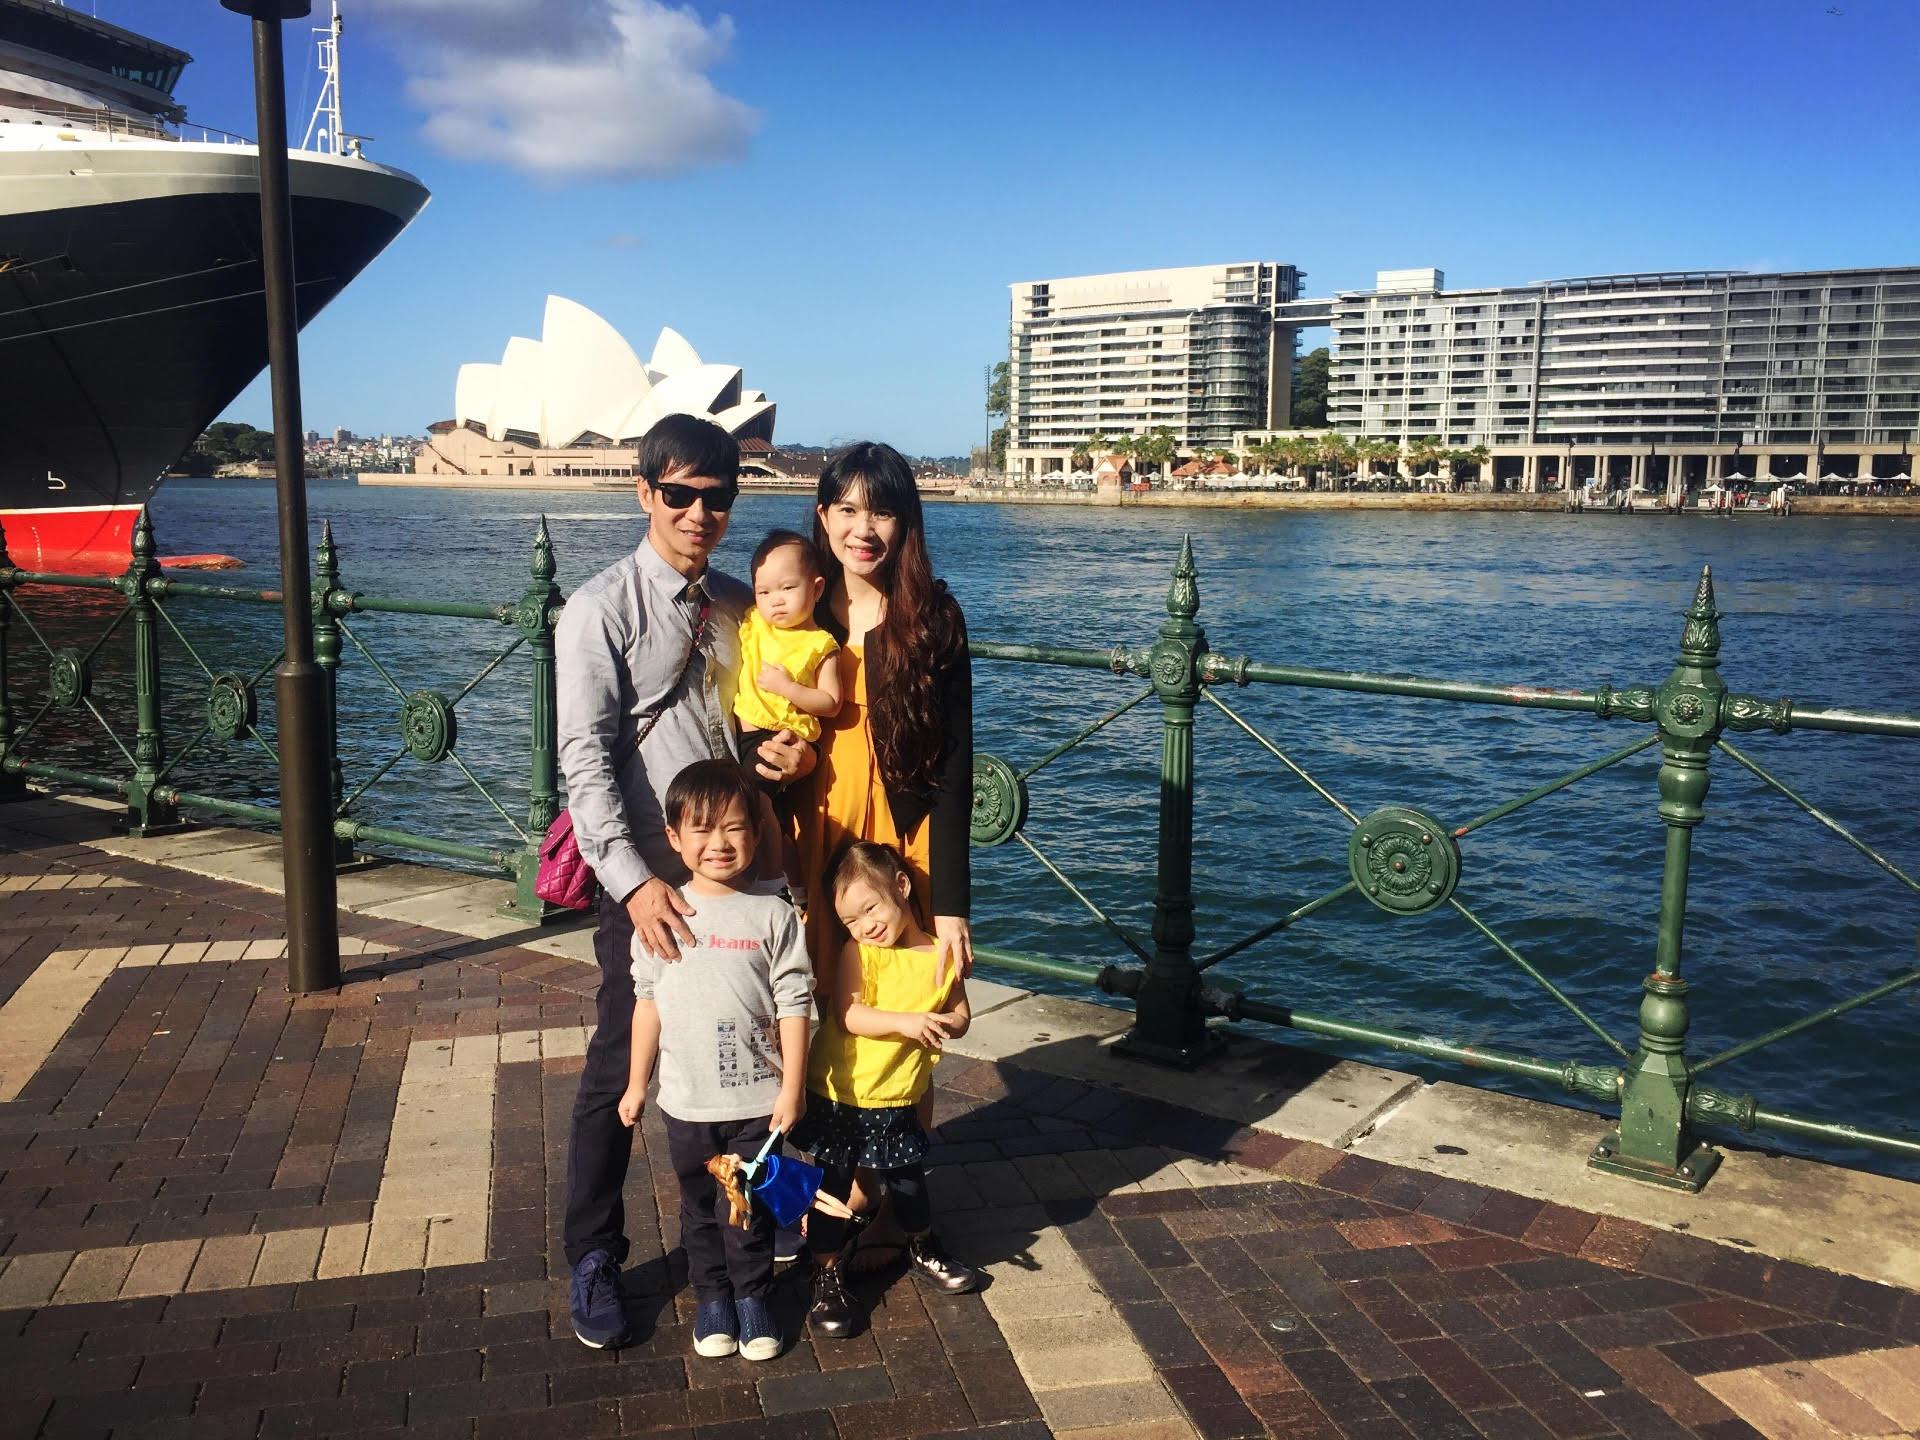 Vợ chồng Lý Hải, Minh Hà đưa con đi du lịch khắp nơi